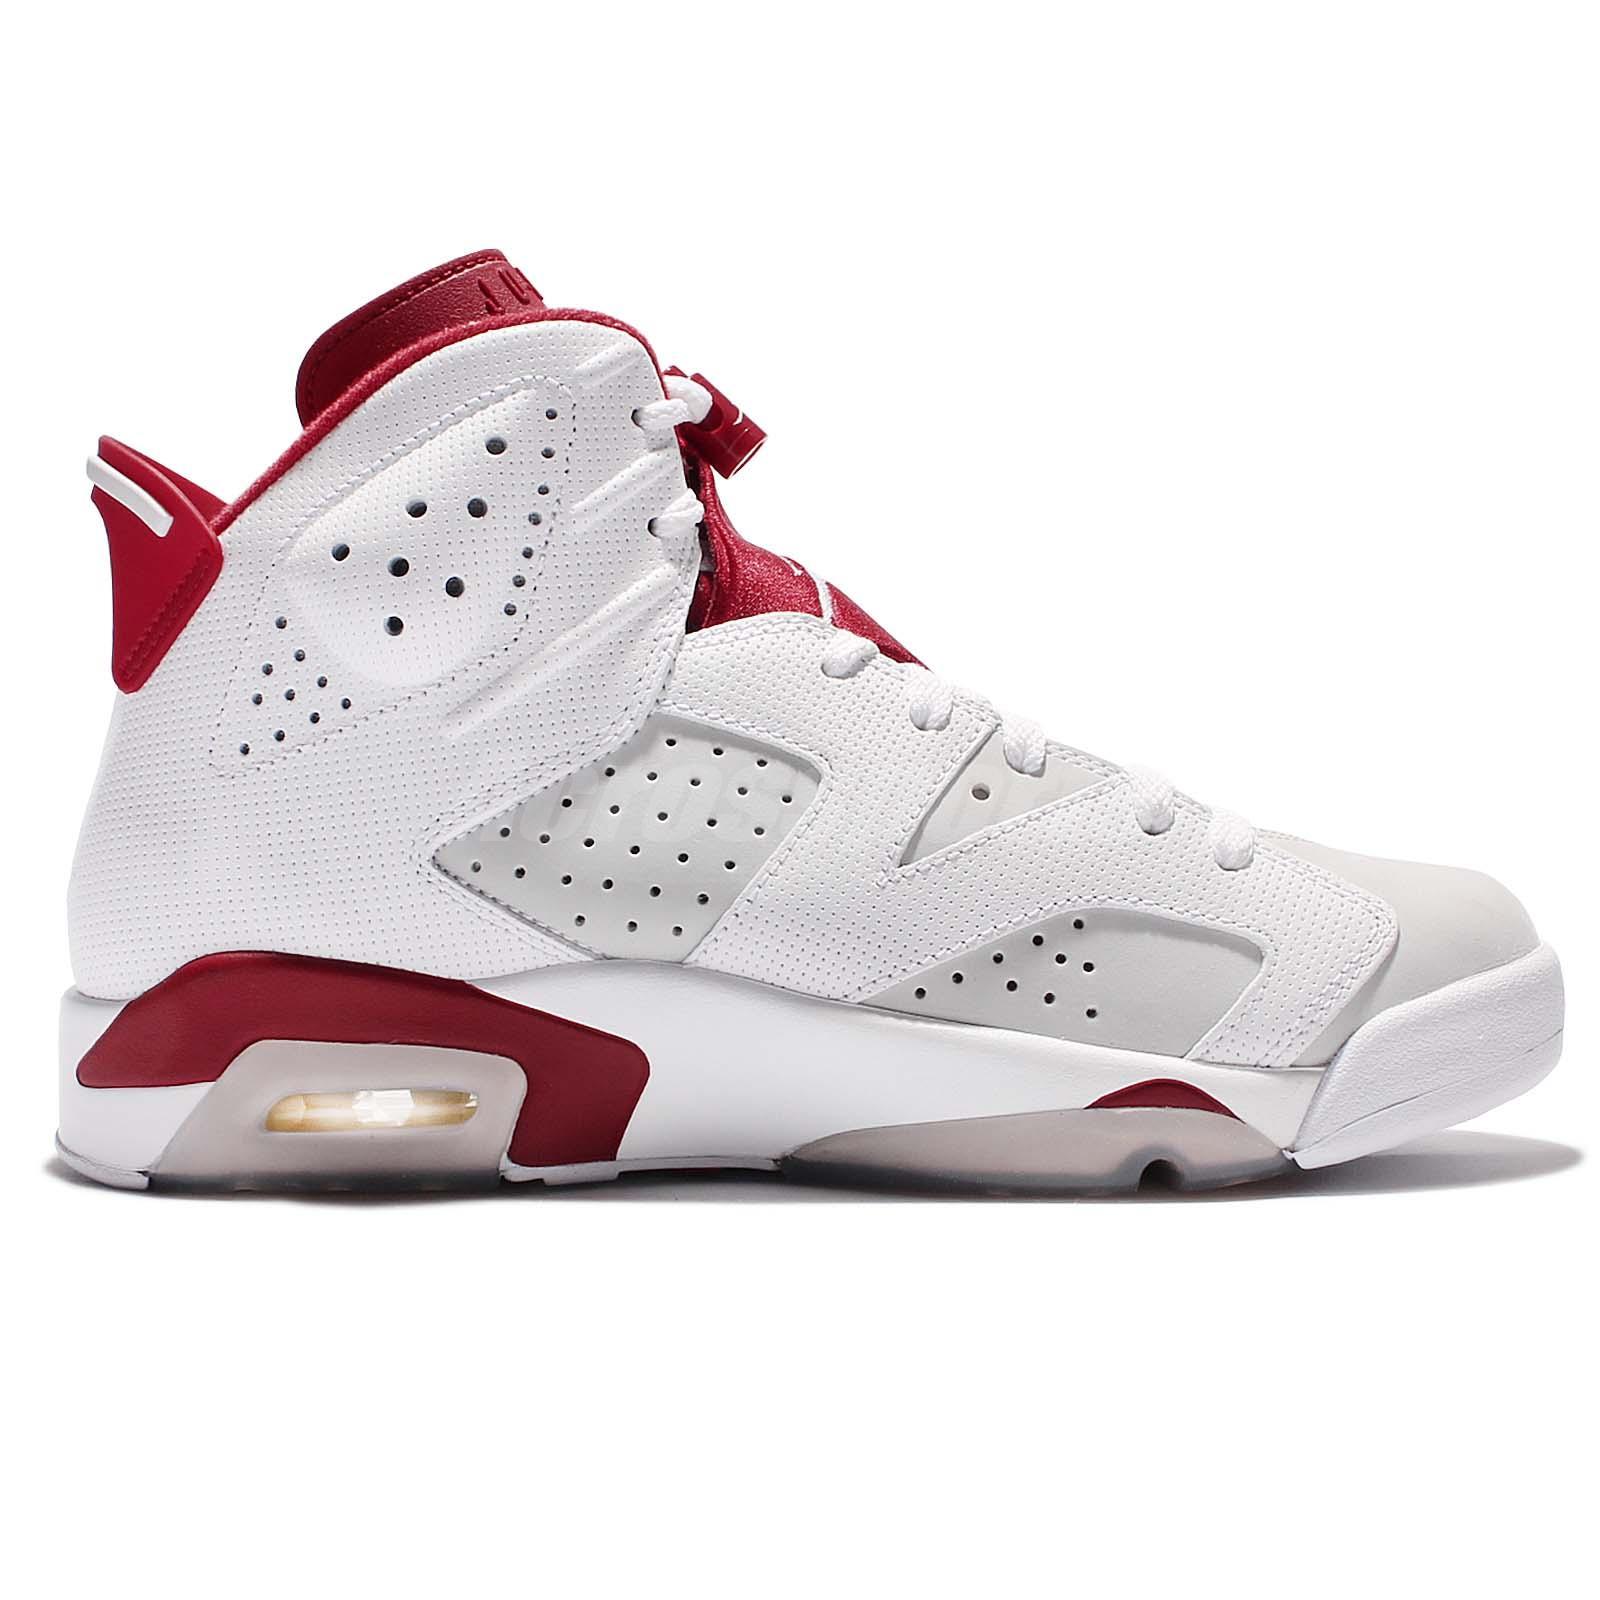 Nike Hare Jordan Shoes